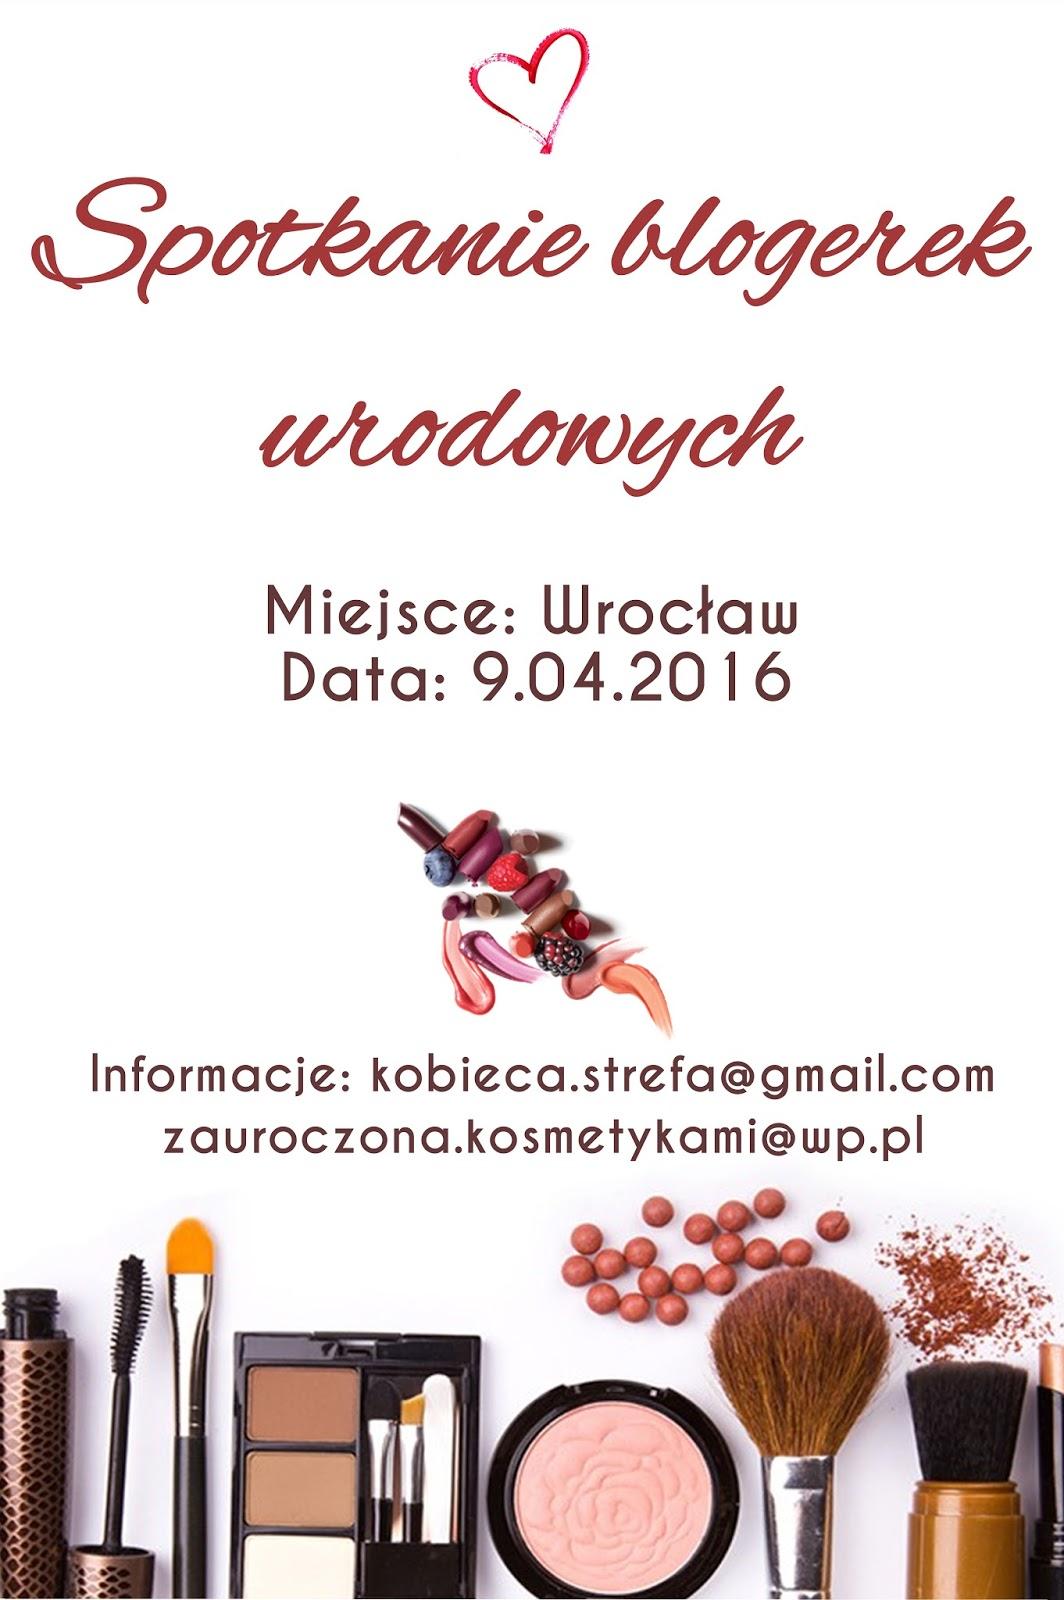 Spotkanie Blogerek urodowych/kosmetycznych Wrocław 2016 zapisy